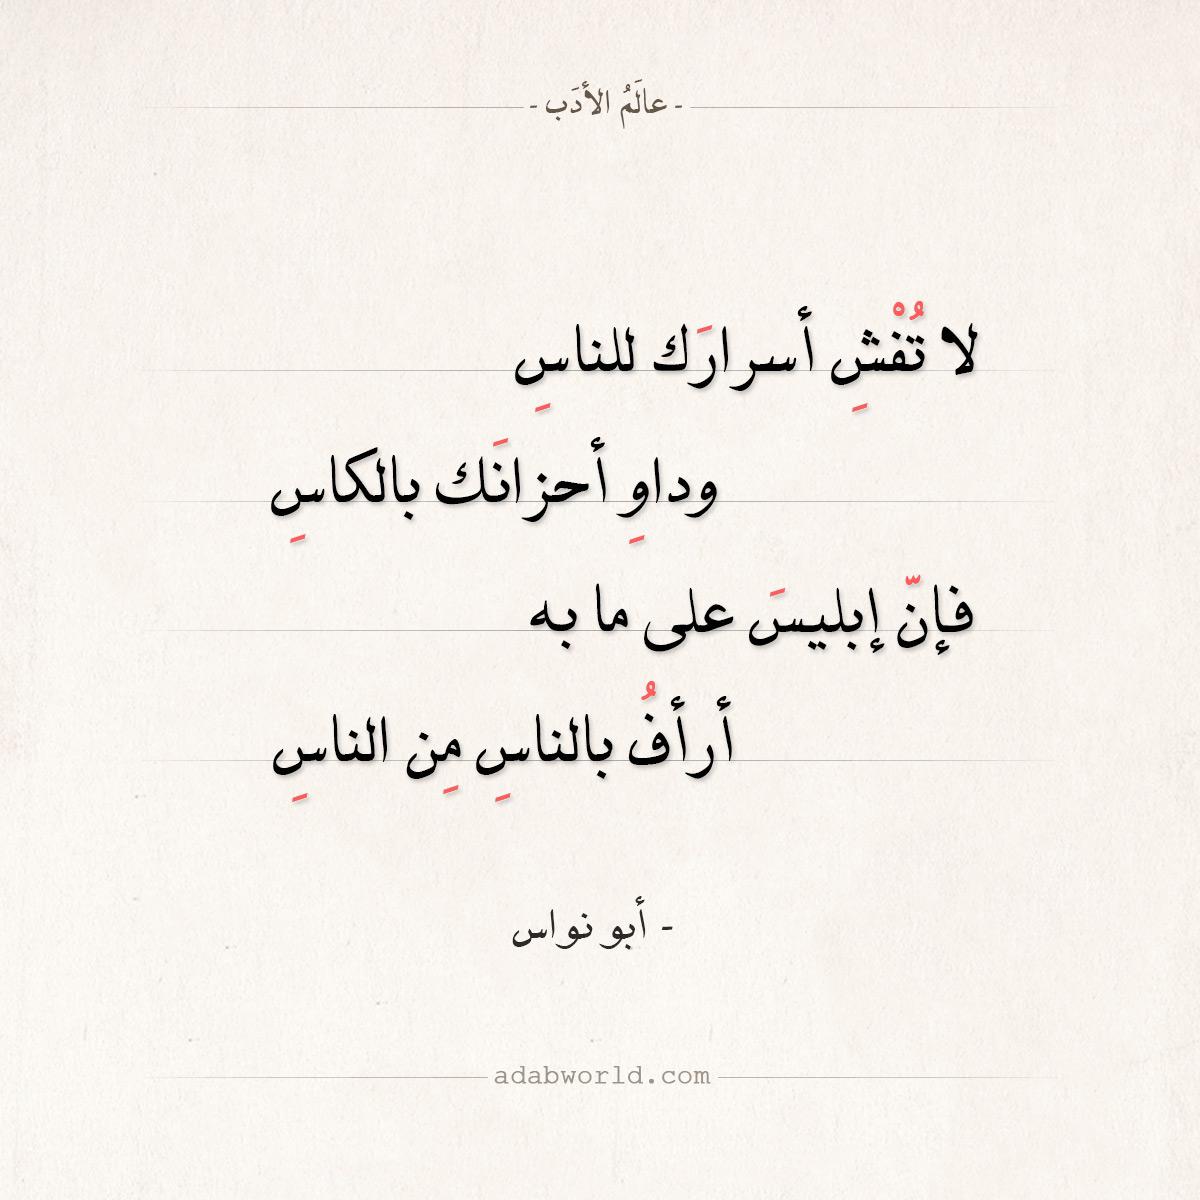 شعر أبو نواس - لا تفش أسرارك للناس